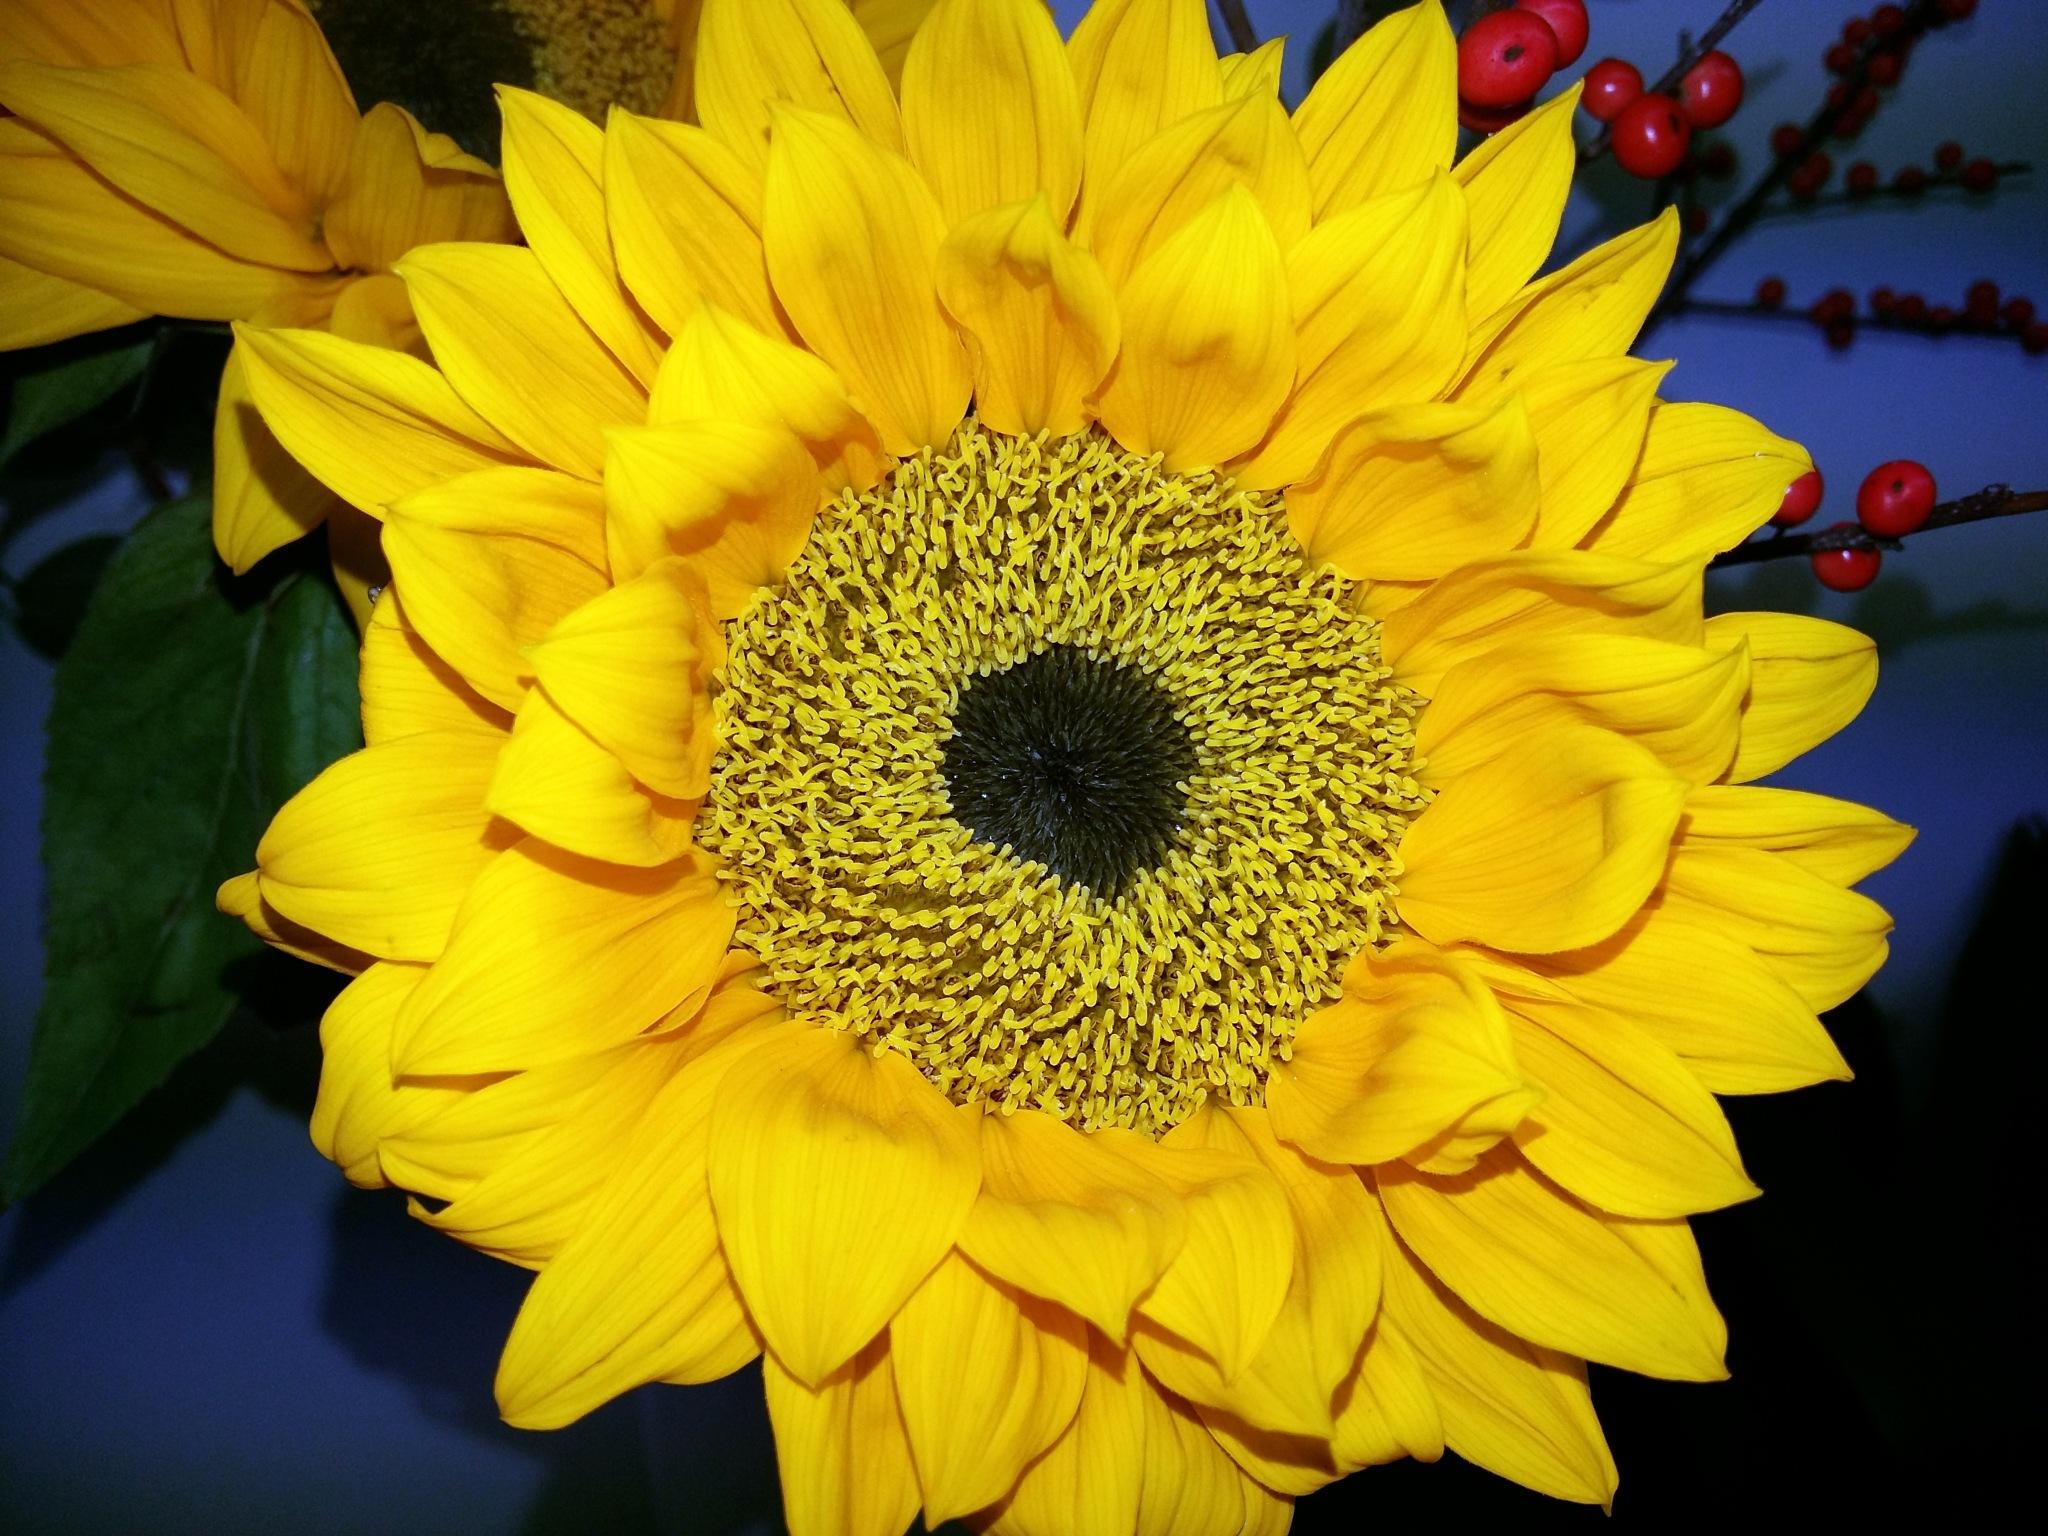 Sunflower by uzkuraitiene62